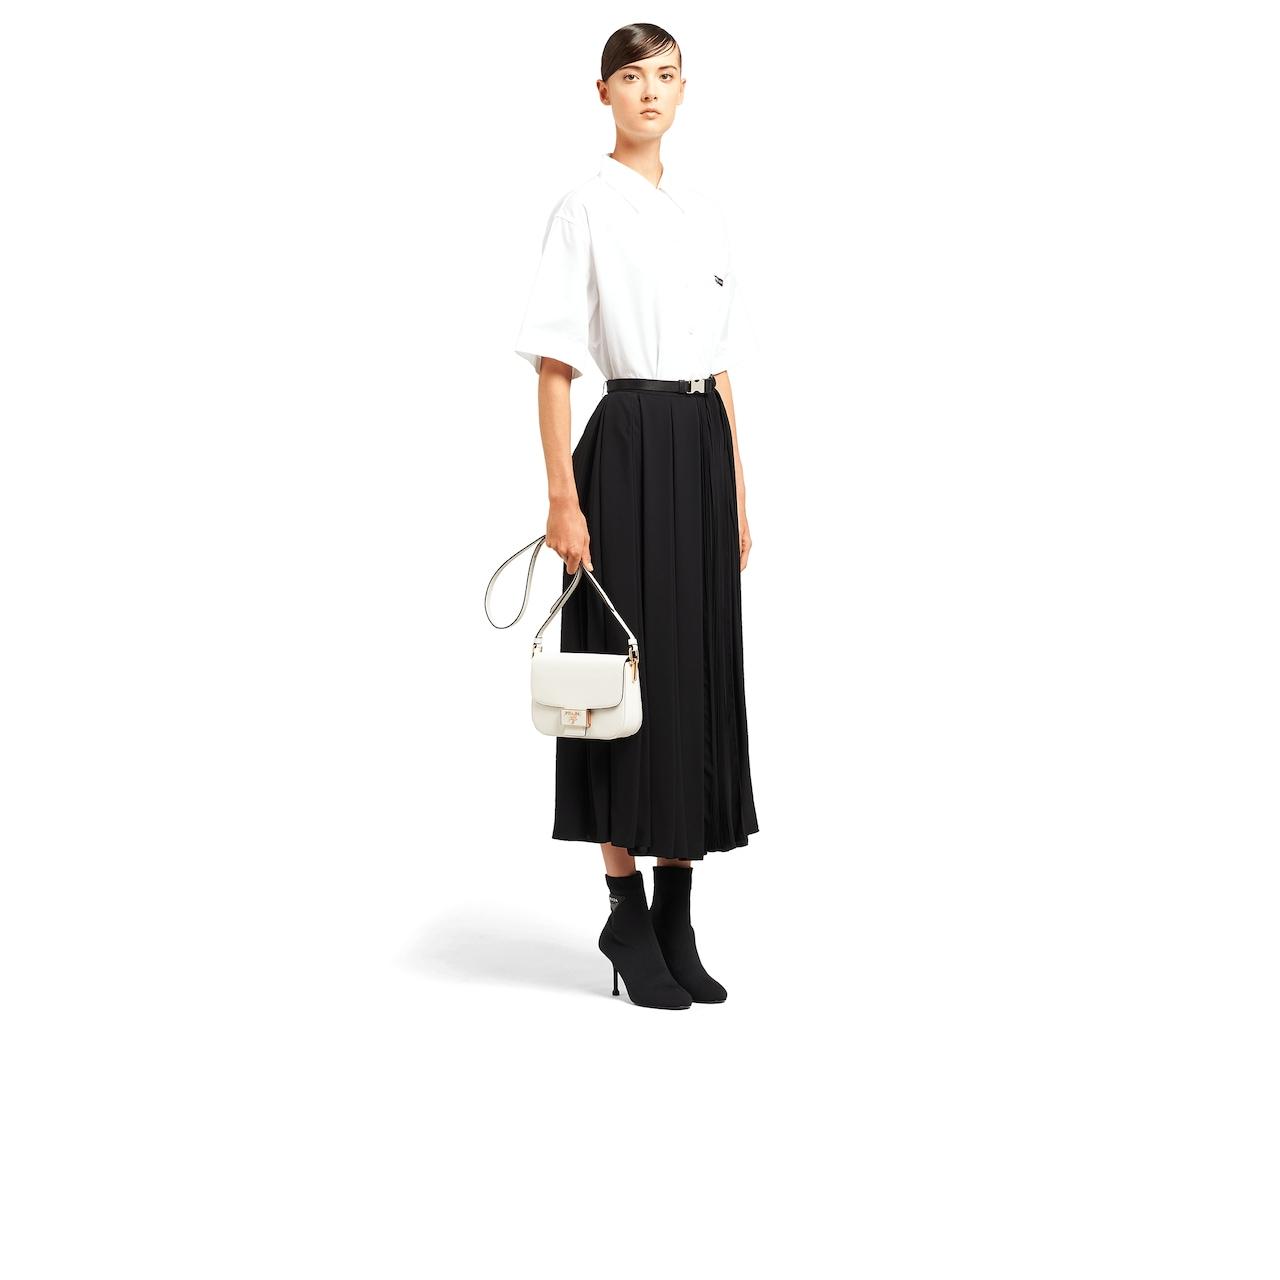 Prada Prada Emblème Saffiano leather bag 7